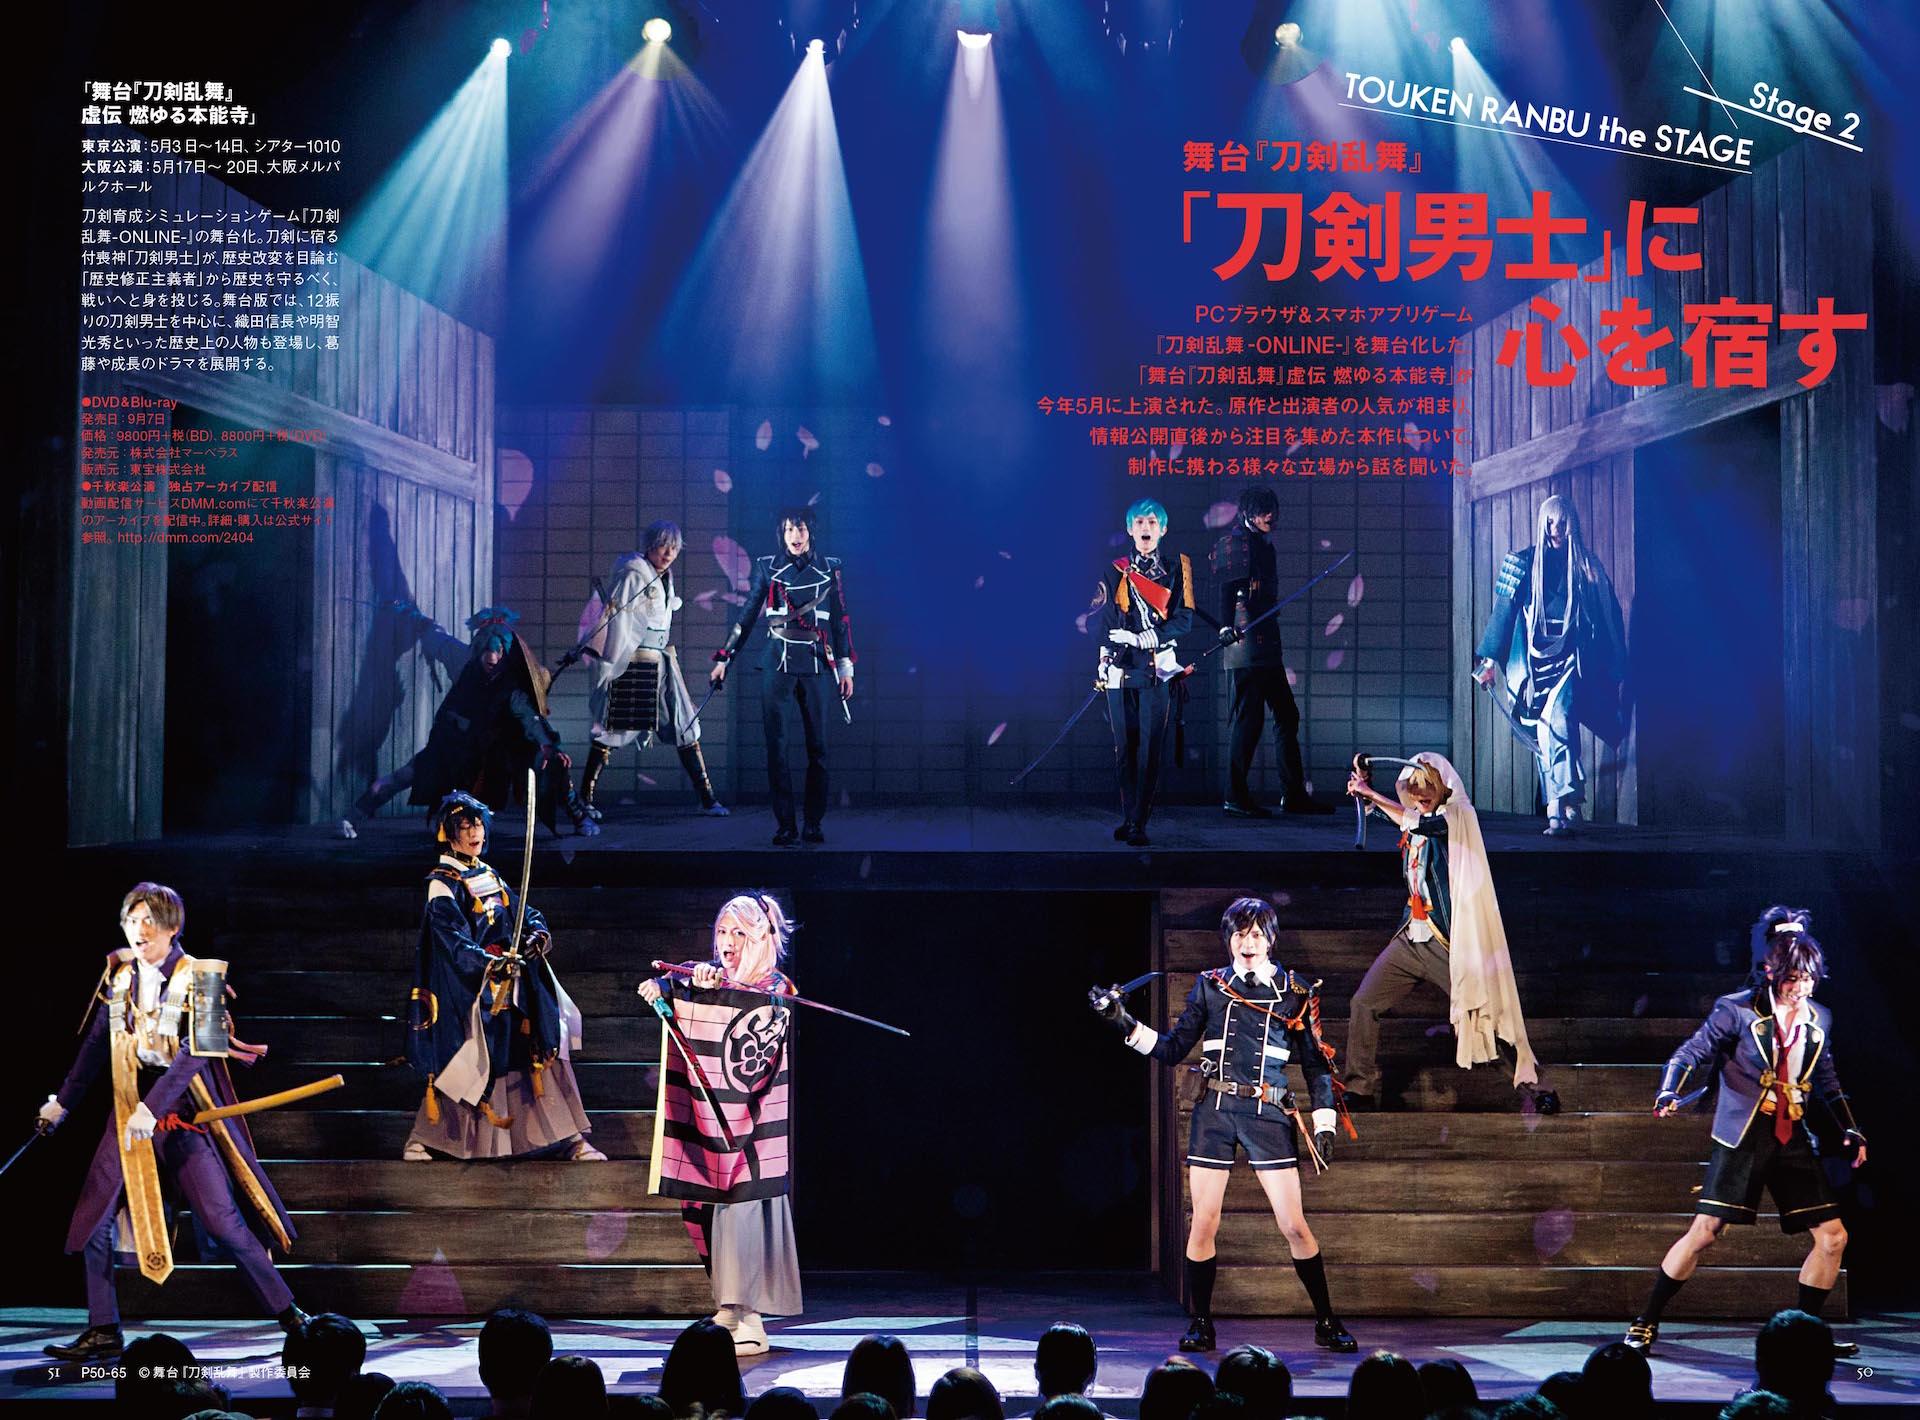 舞台『刀剣乱舞』記事より  (C)舞台『刀剣乱舞』製作委員会